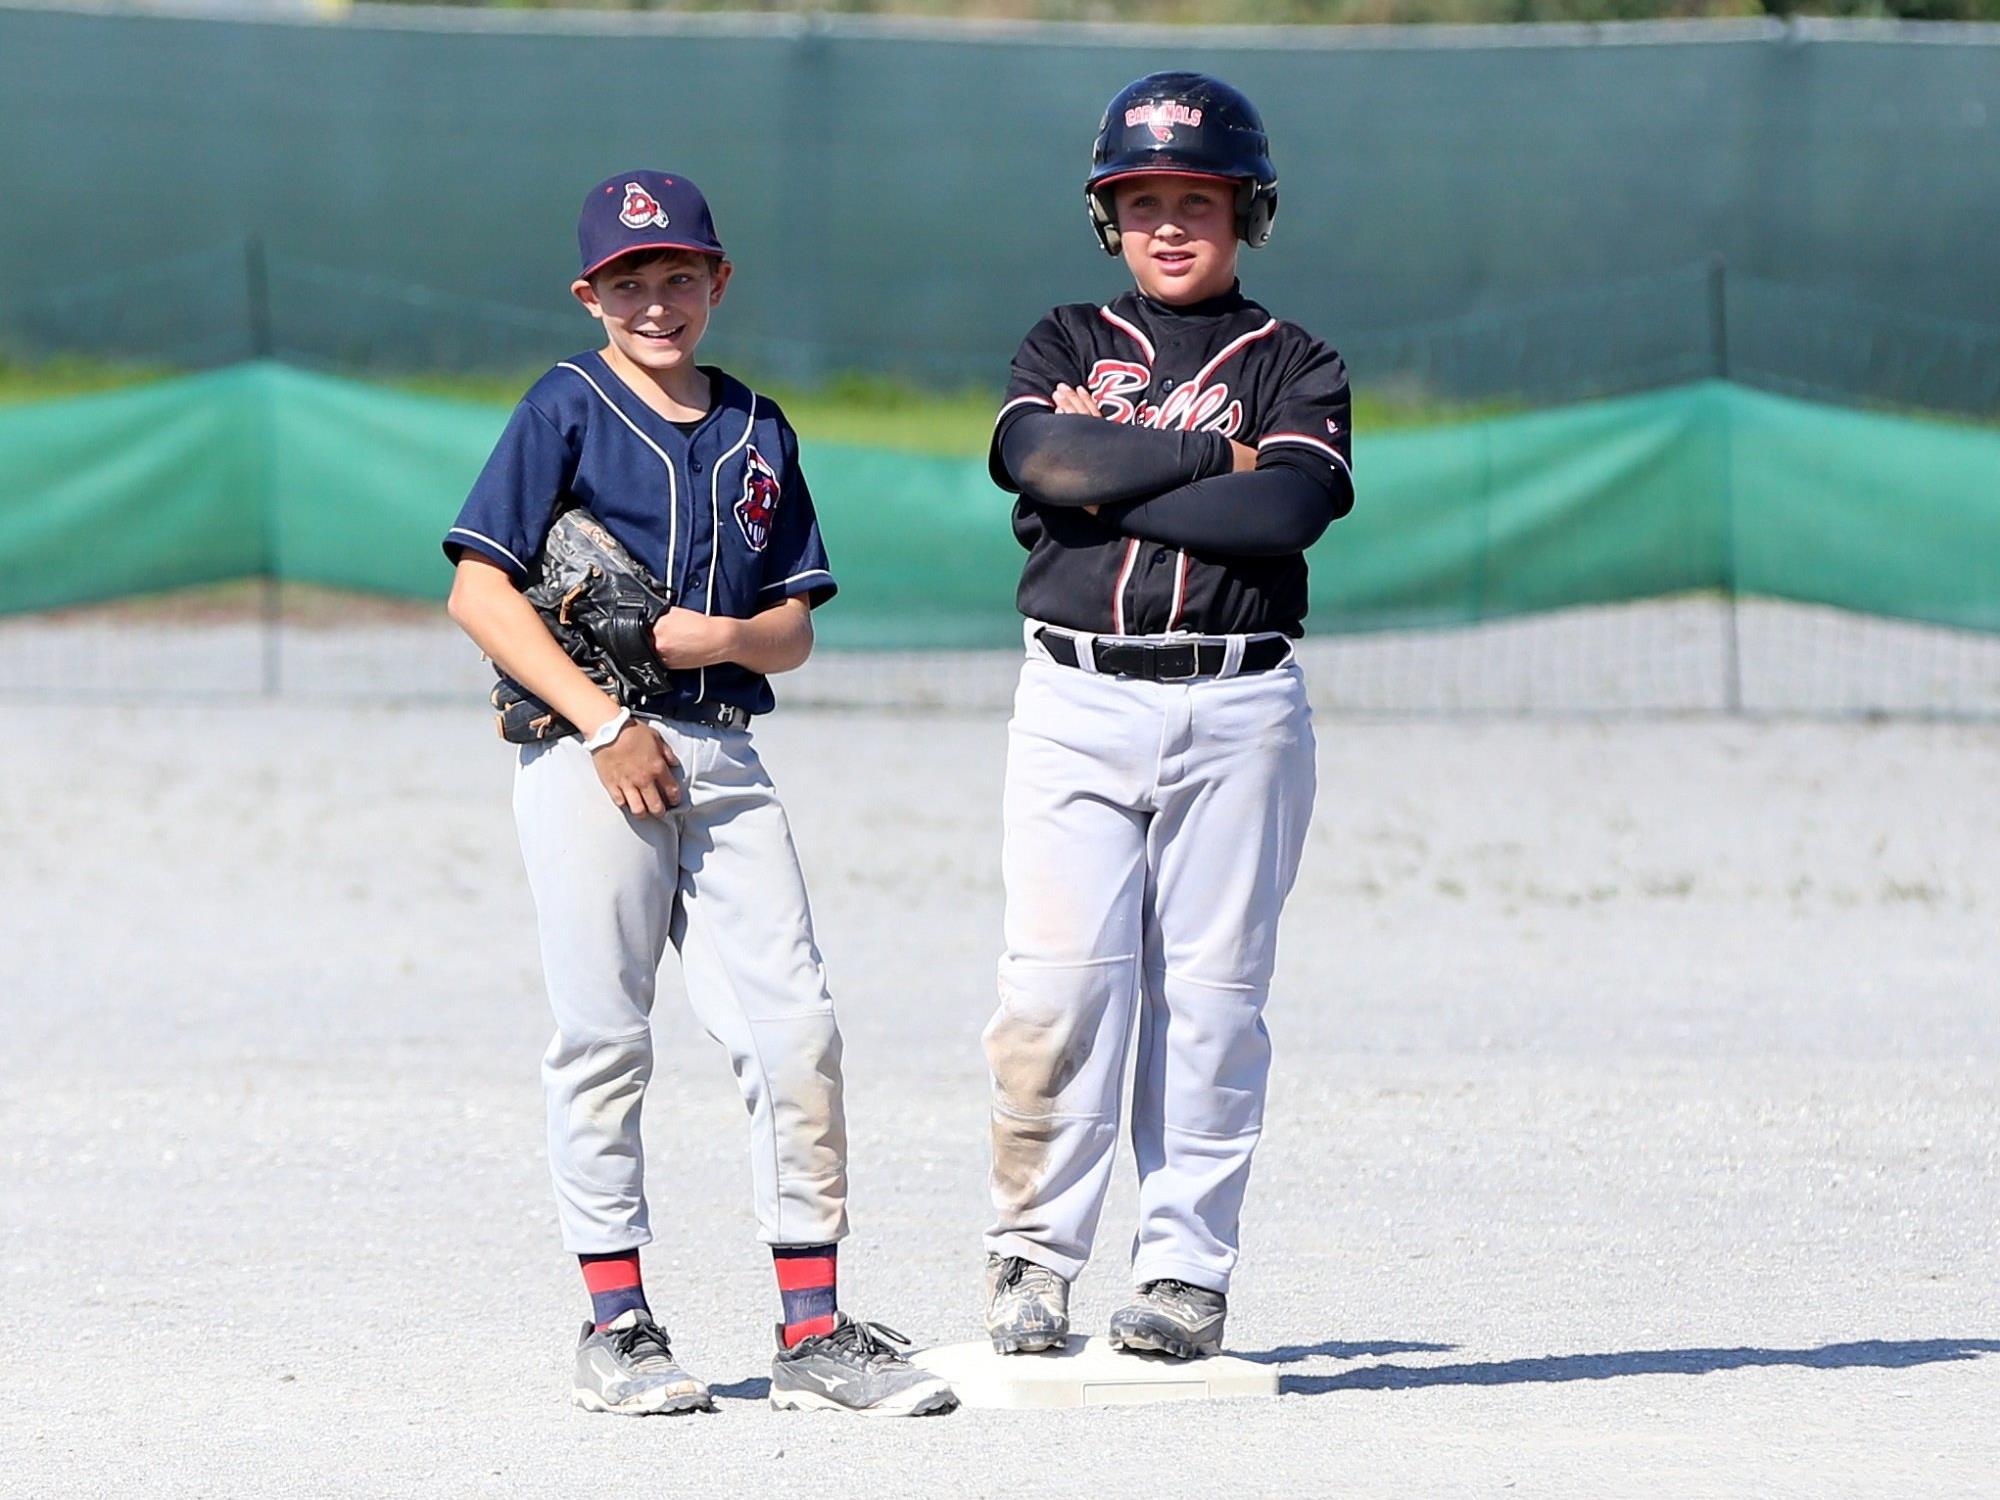 Die jungen Baseballer aus dem Ländle zeigten bei der Staatsmeisterschaft in Dornbirn und Hard ihr Können.